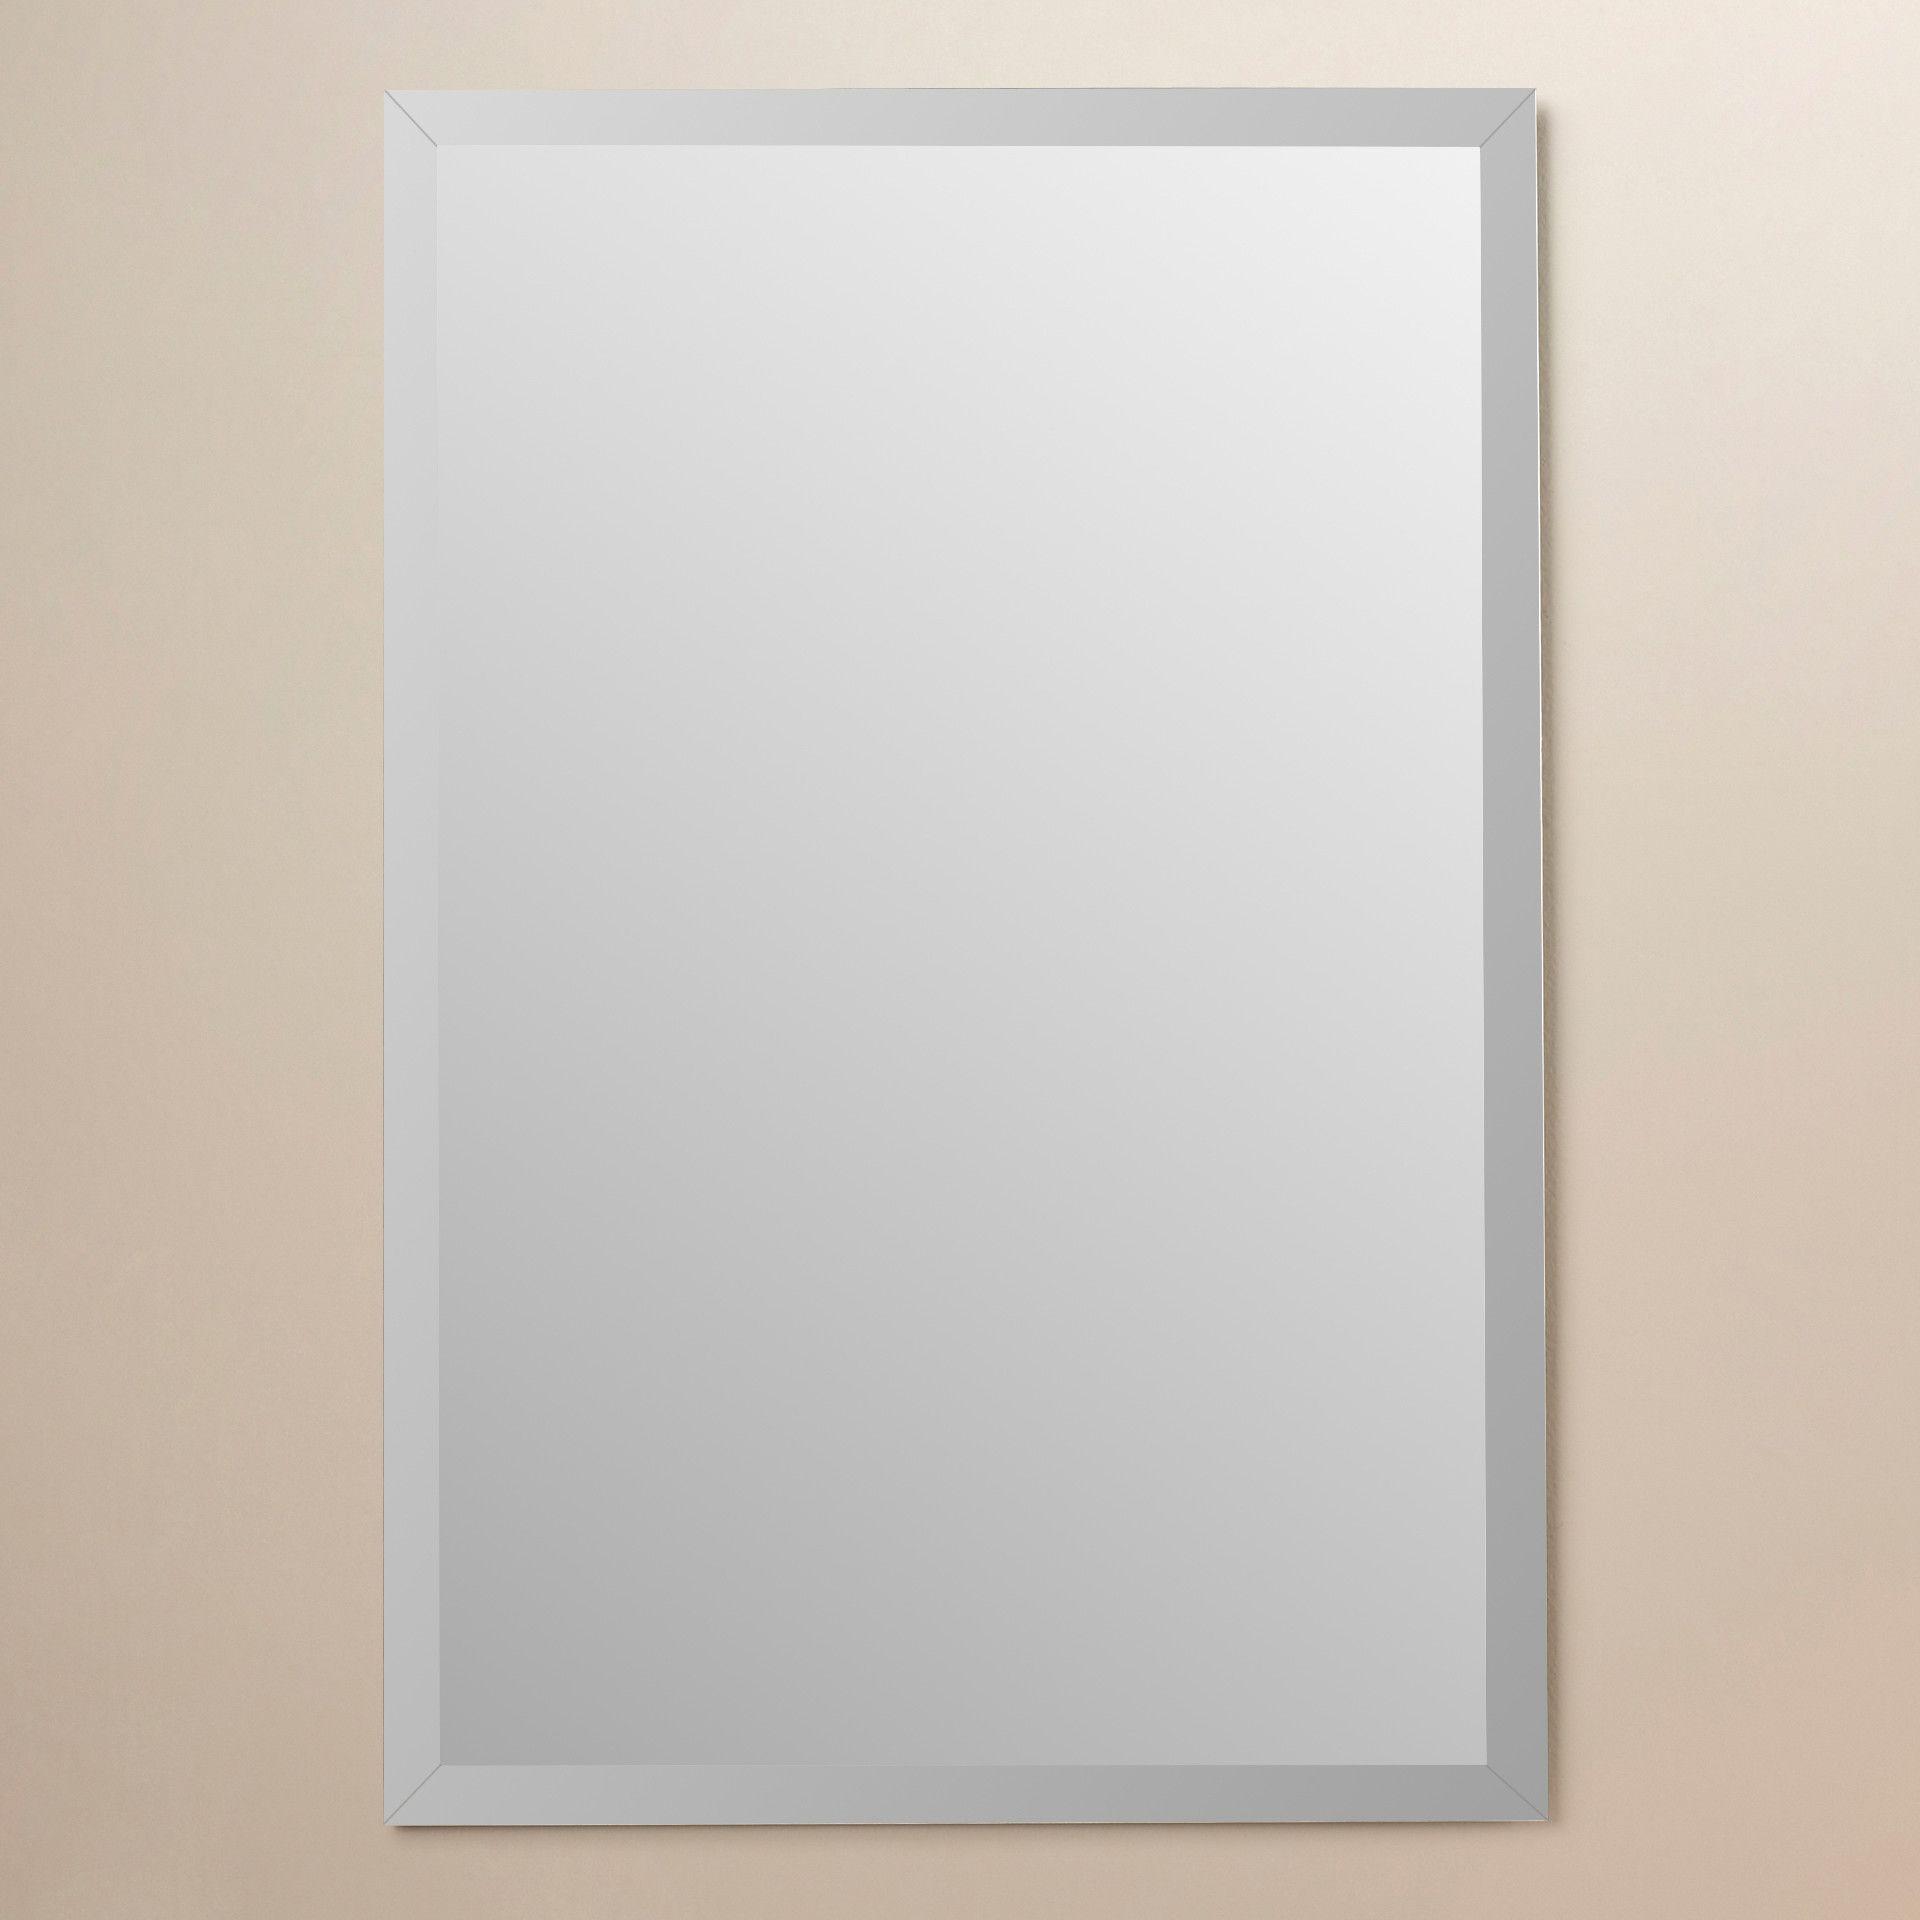 Gaunts Earthcott Wall Mirror   Products   Mirror, Wall With Gaunts Earthcott Wall Mirrors (View 4 of 20)